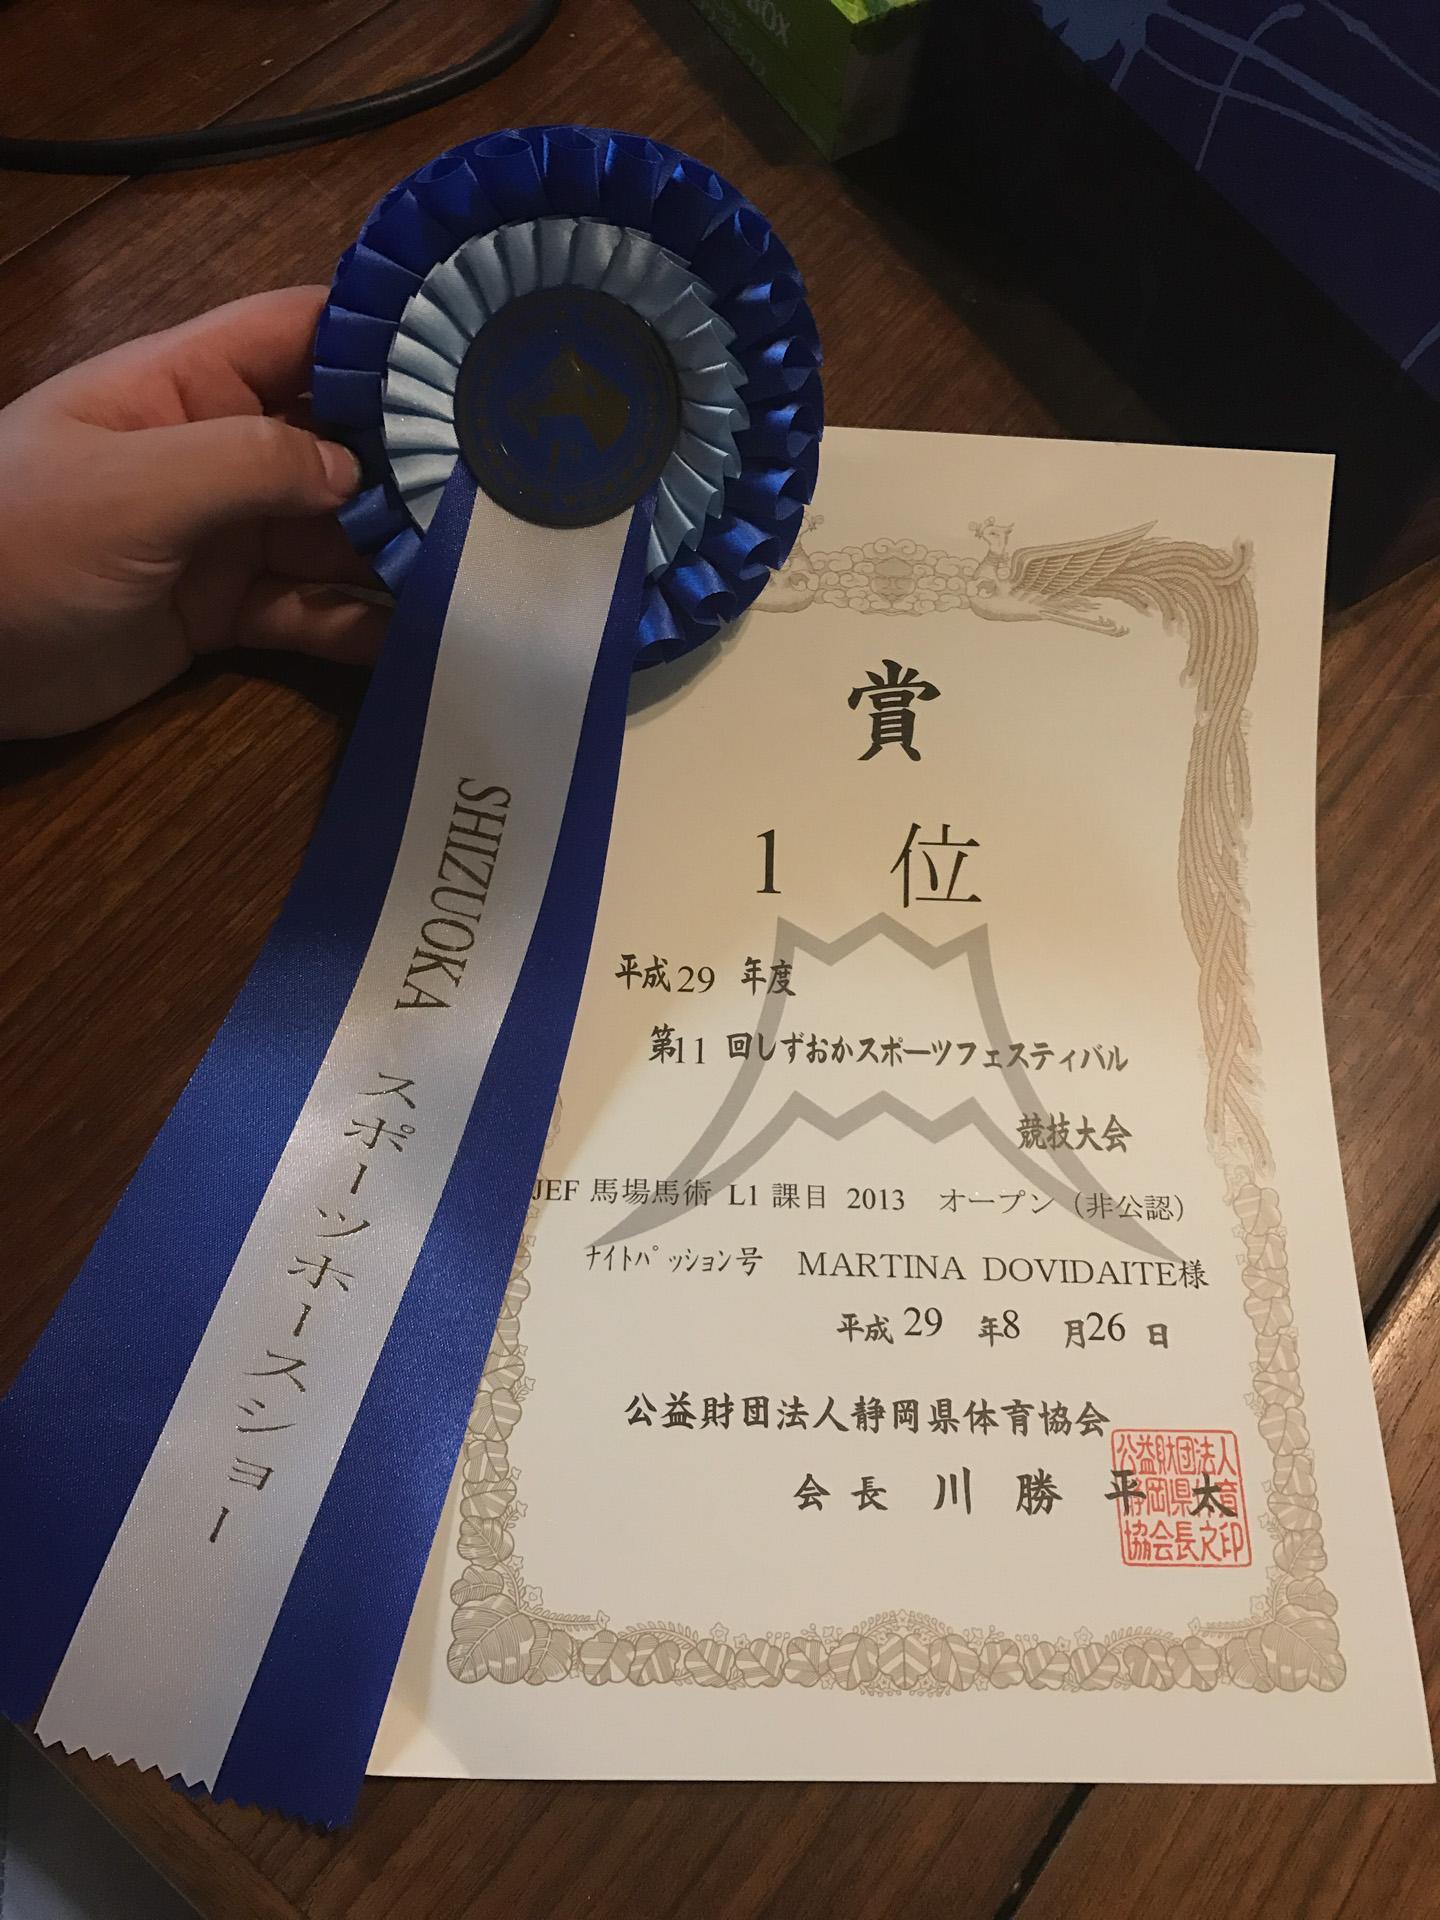 Martyna džiaugiasi paskutiniuoju savo laimėjimu – pirmąja vieta dailaus jojimo varžybose Japonijoje.  / Asmeninio archyvo nuotr.